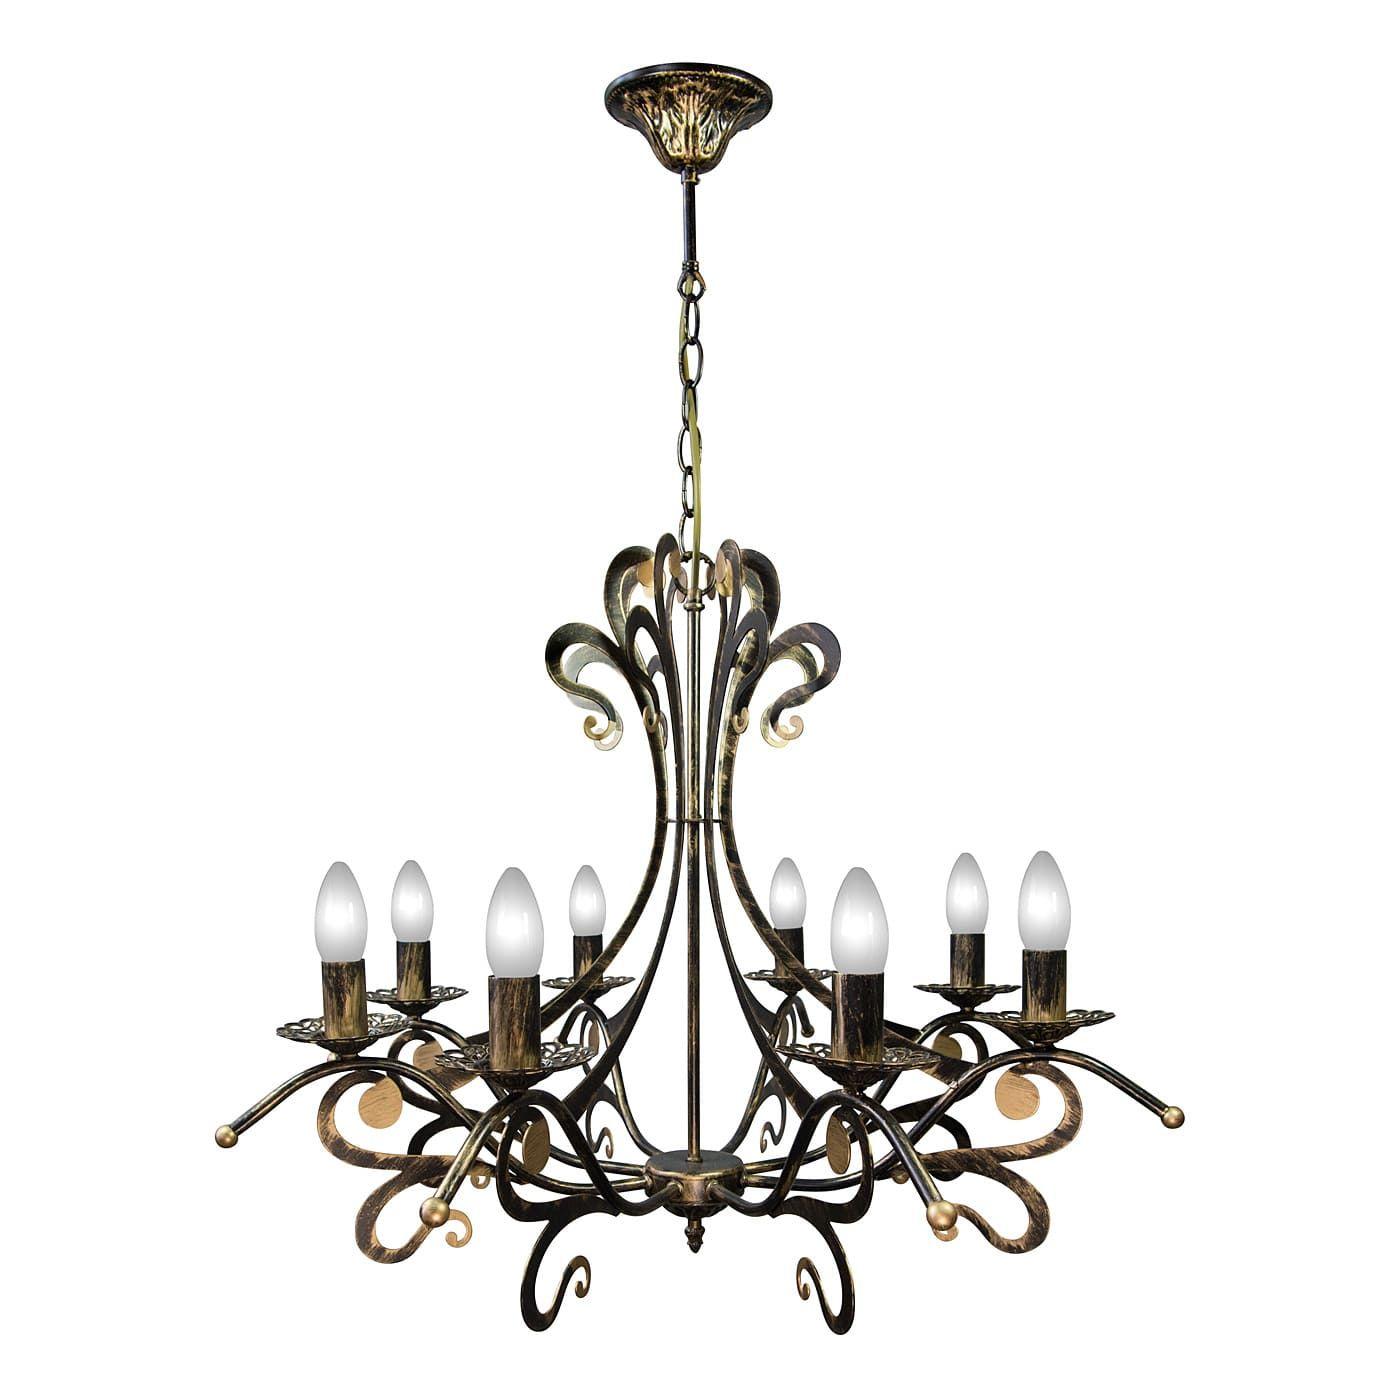 PETRASVET / Pendant chandelier S3123-8, 8xE14 max. 60 watts